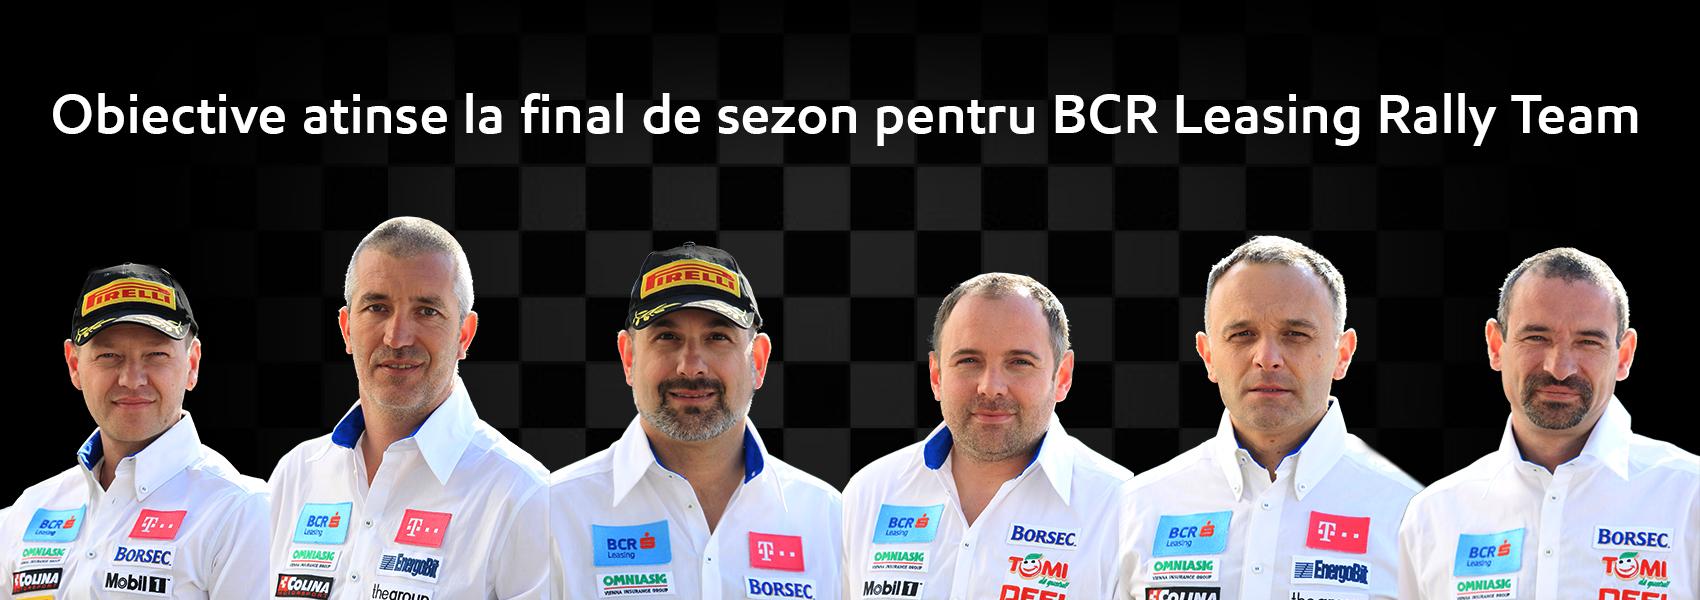 Obiective atinse la final de sezon pentru BCR Leasing Rally Team